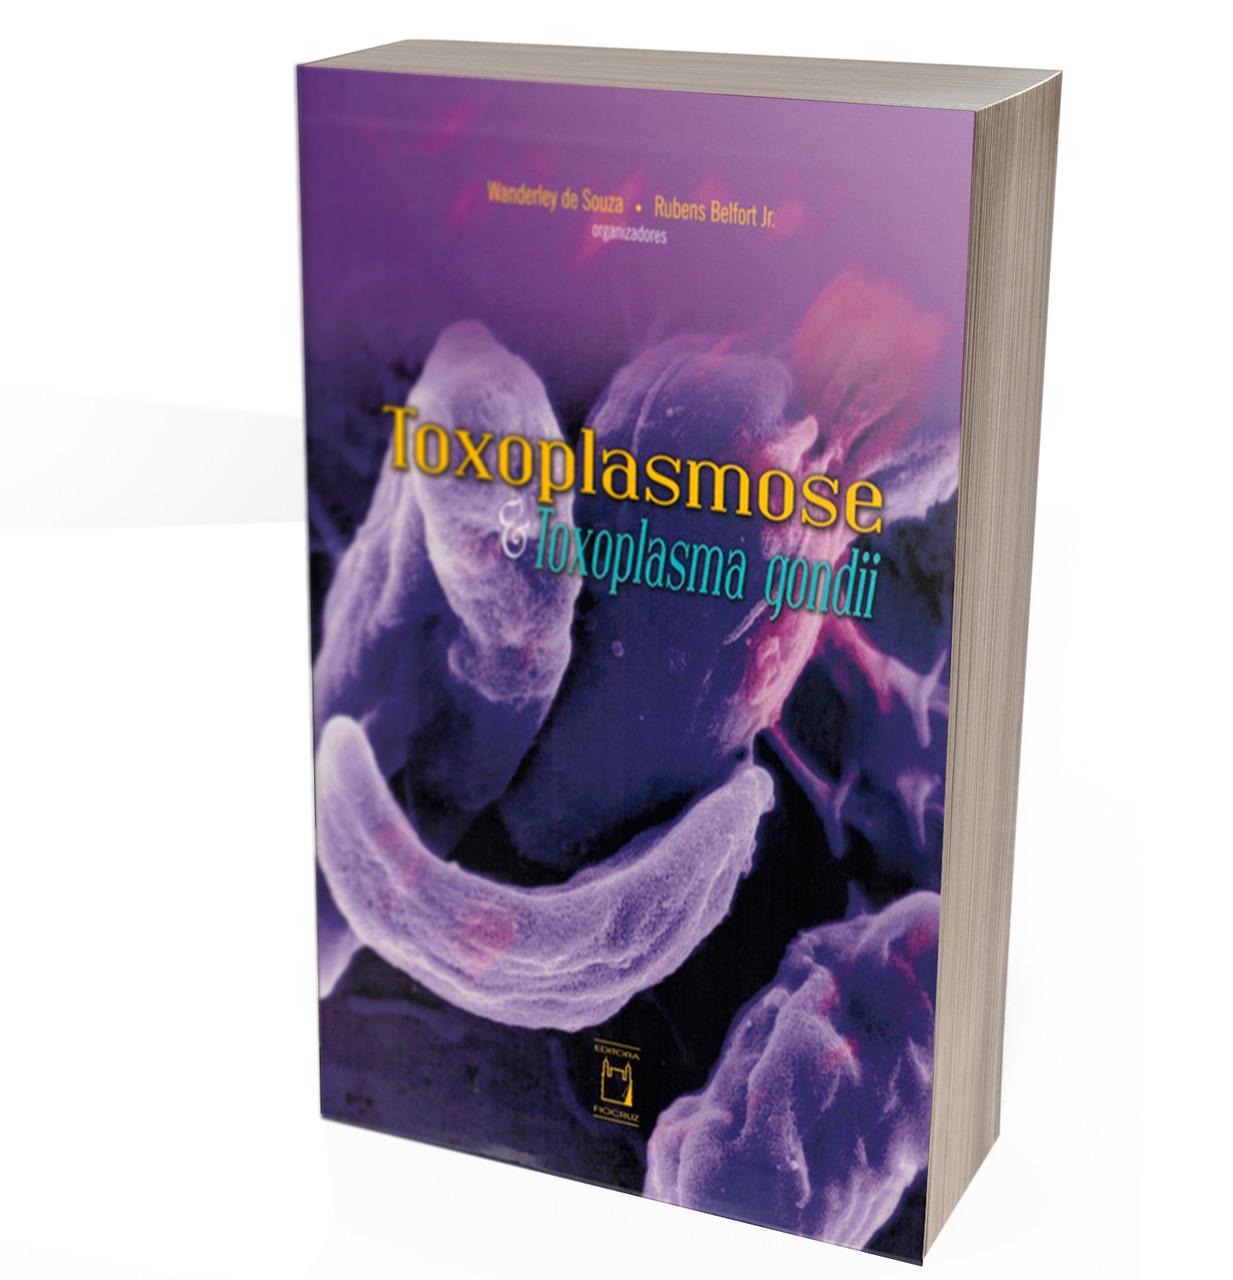 capa-livro-maior-33_Easy-Resize.com